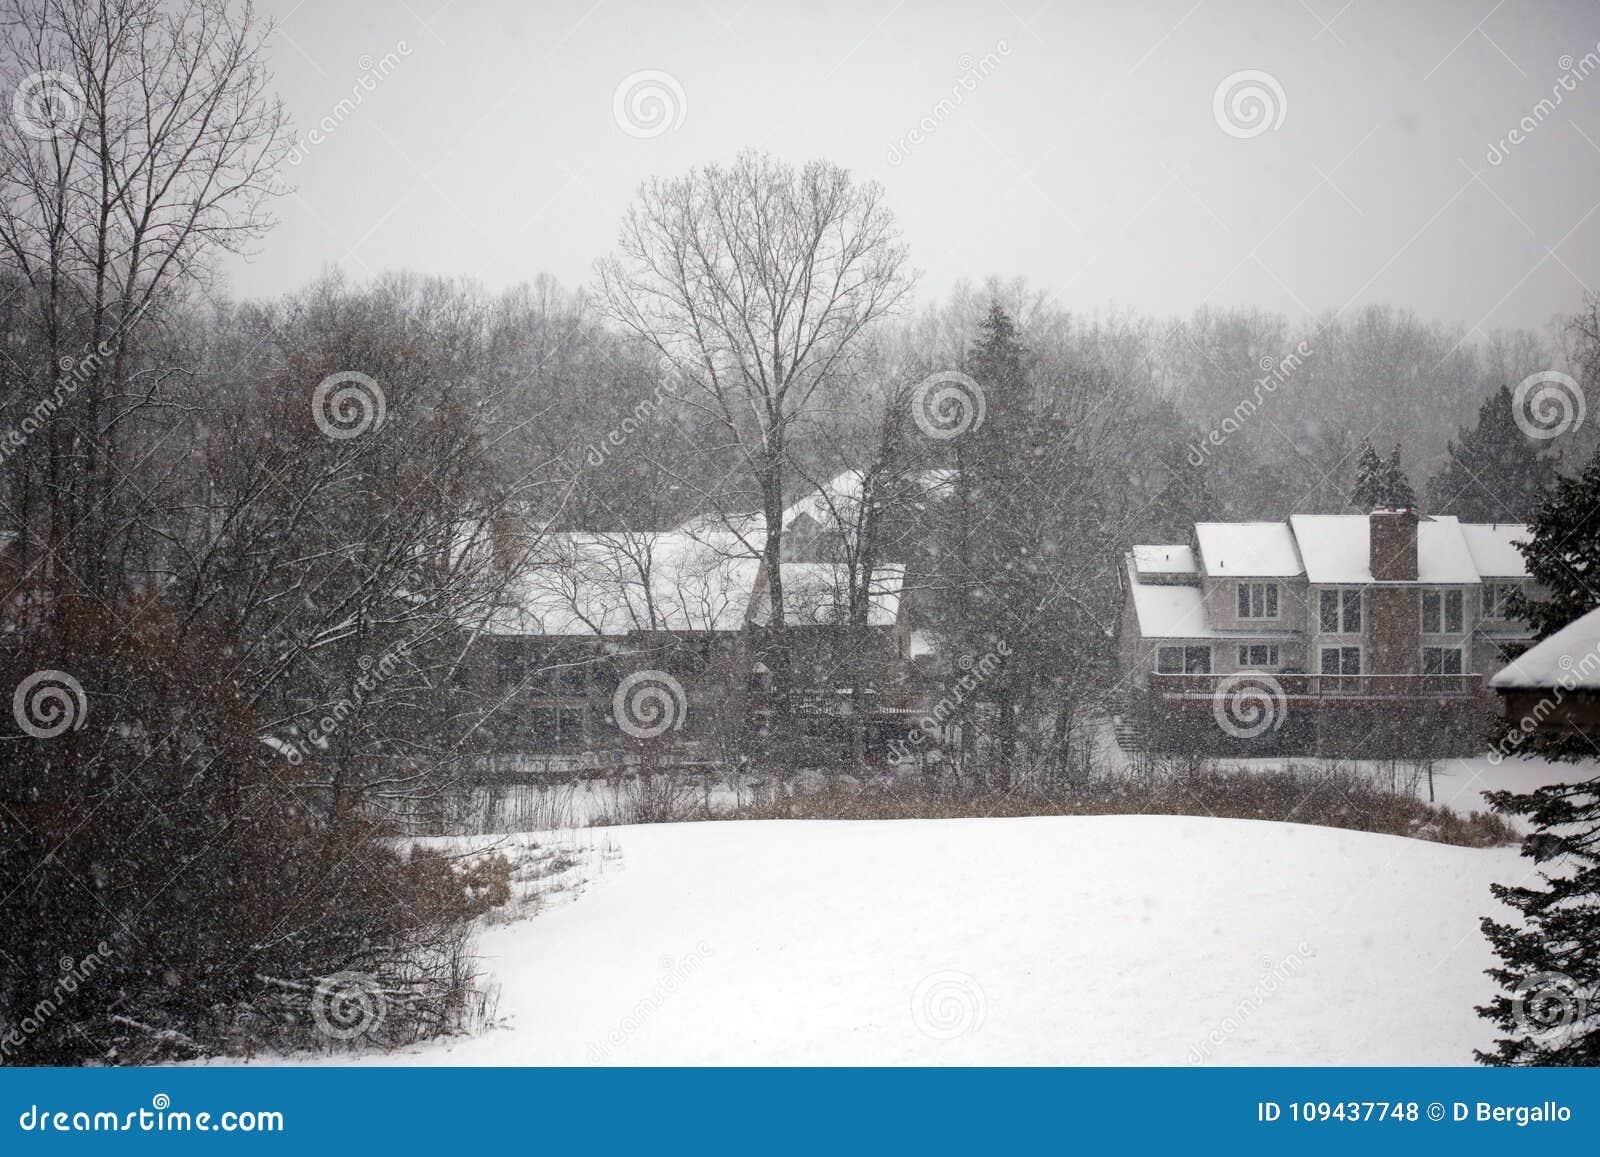 Schneiende Szene des Winters mit Häusern und Bäumen im Hintergrund